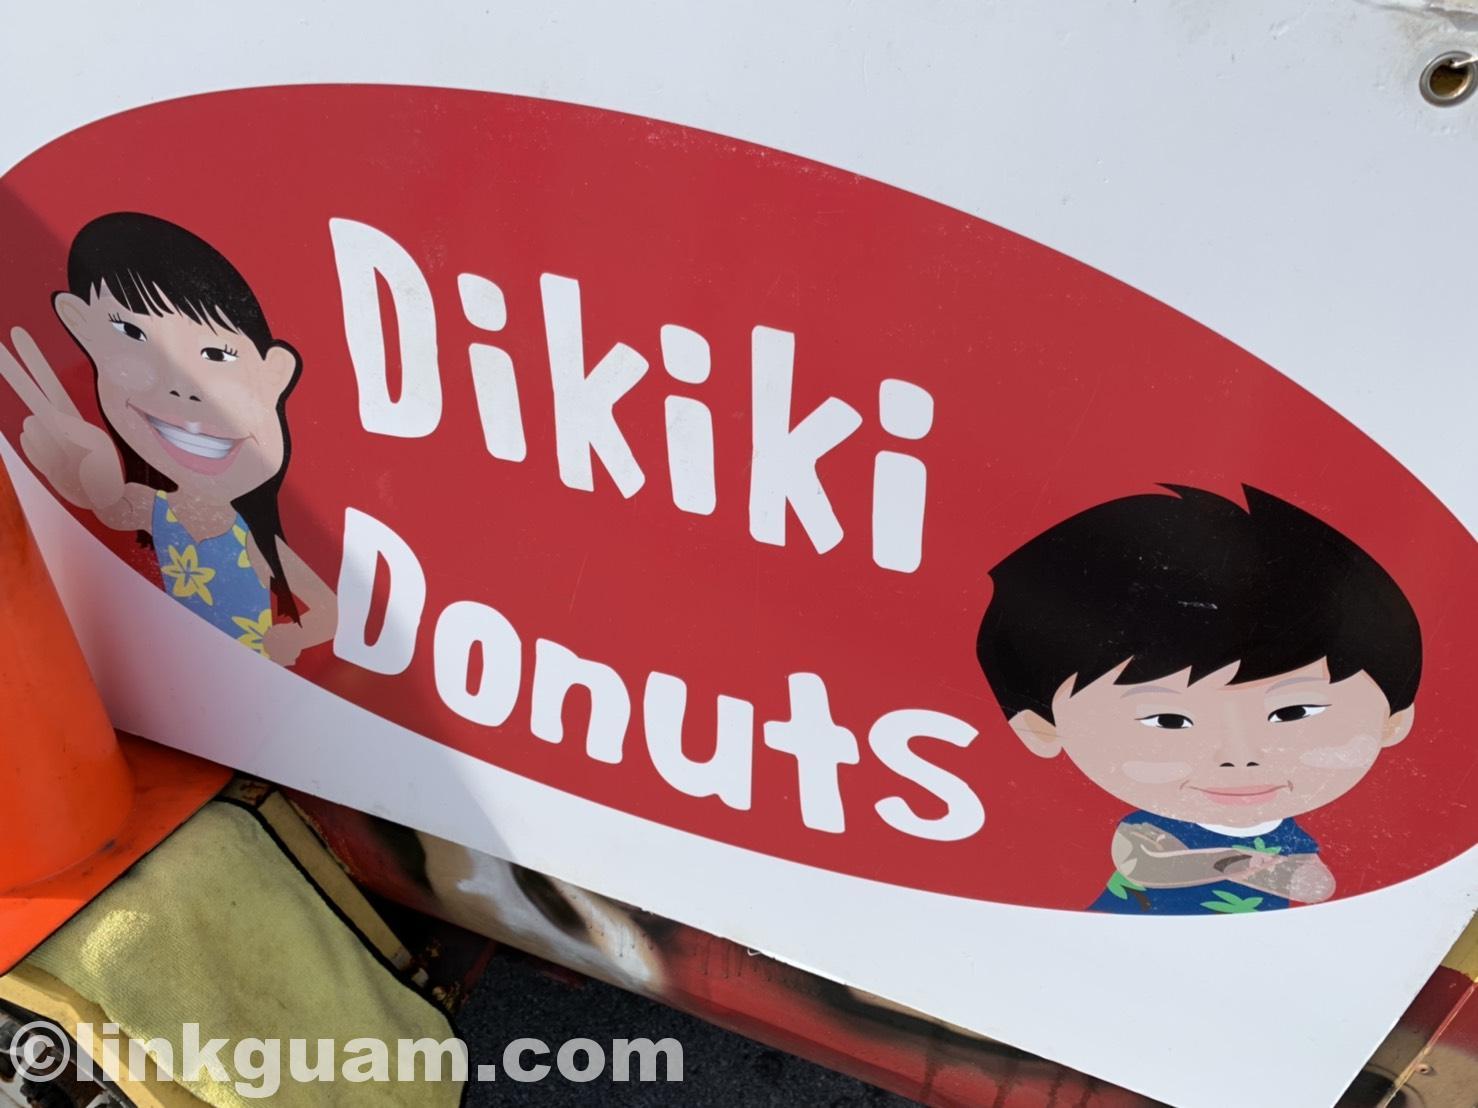 グアム 可愛い かわいい スイーツ ドーナツDikiki Donuts ディキキドーナツ